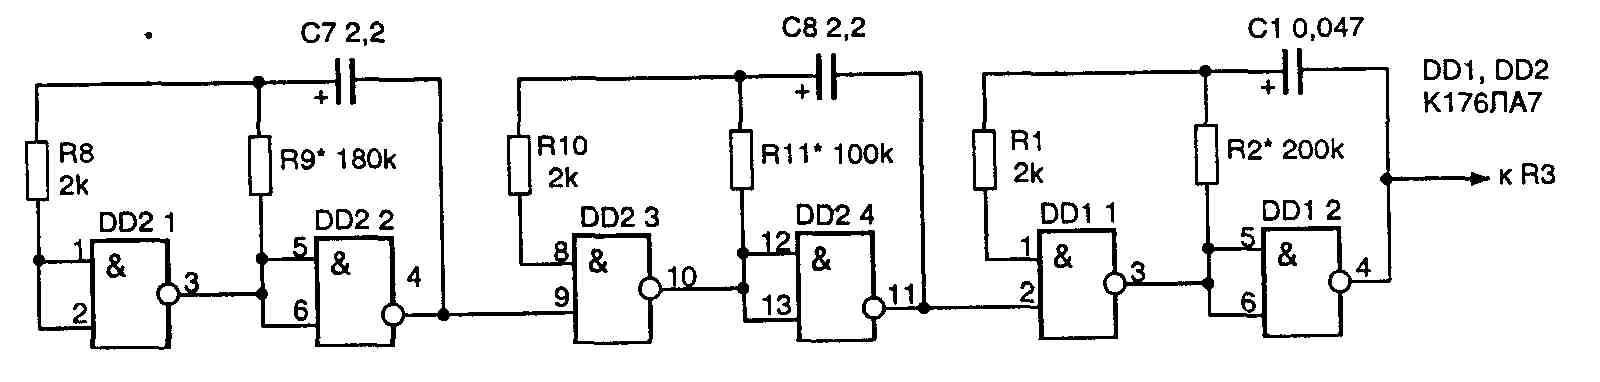 Генератор инфразвуковых колебаний скорее не электронная а механическая конструкция ведь инфразвук это тот же звук...